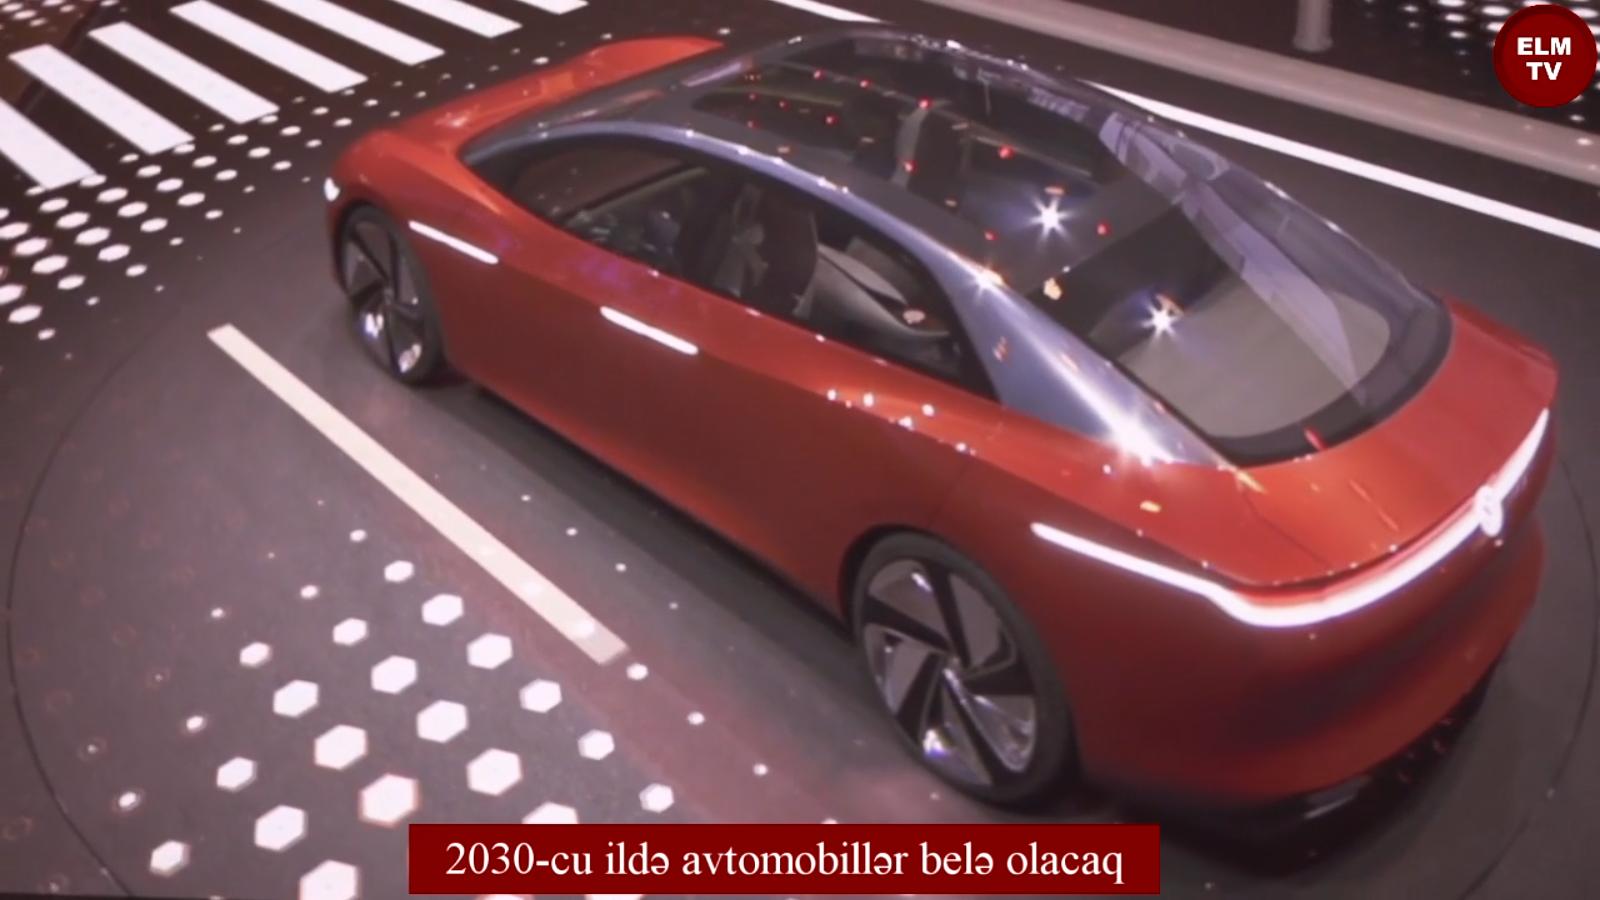 2030-cu ildə avtomobillər belə olacaq